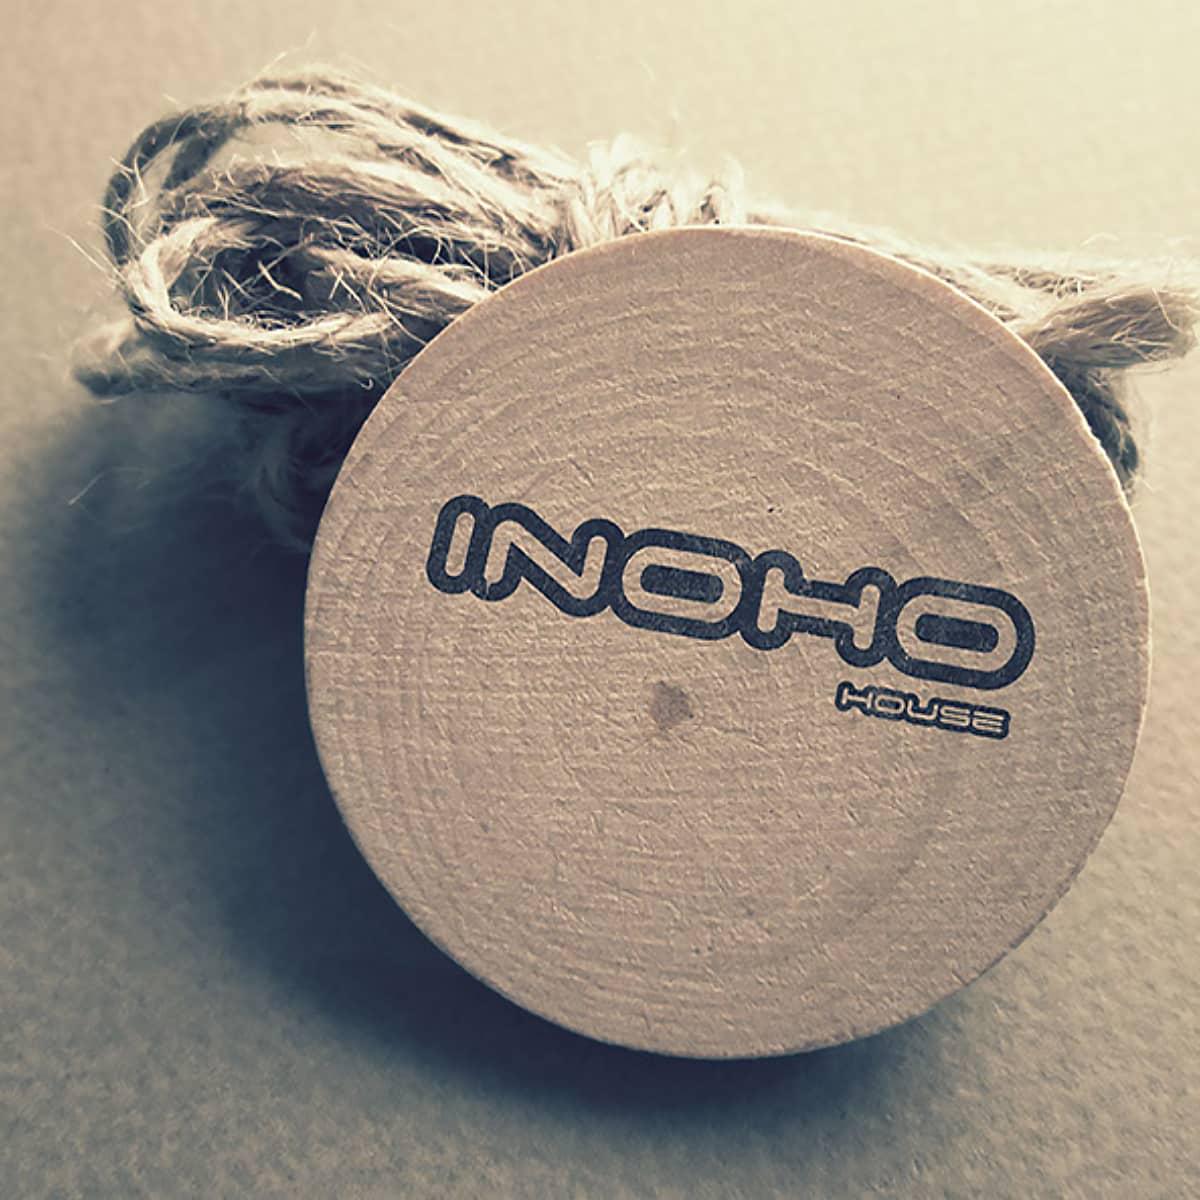 inoho house, wizualizacja logo na drewnie-crop-u27658